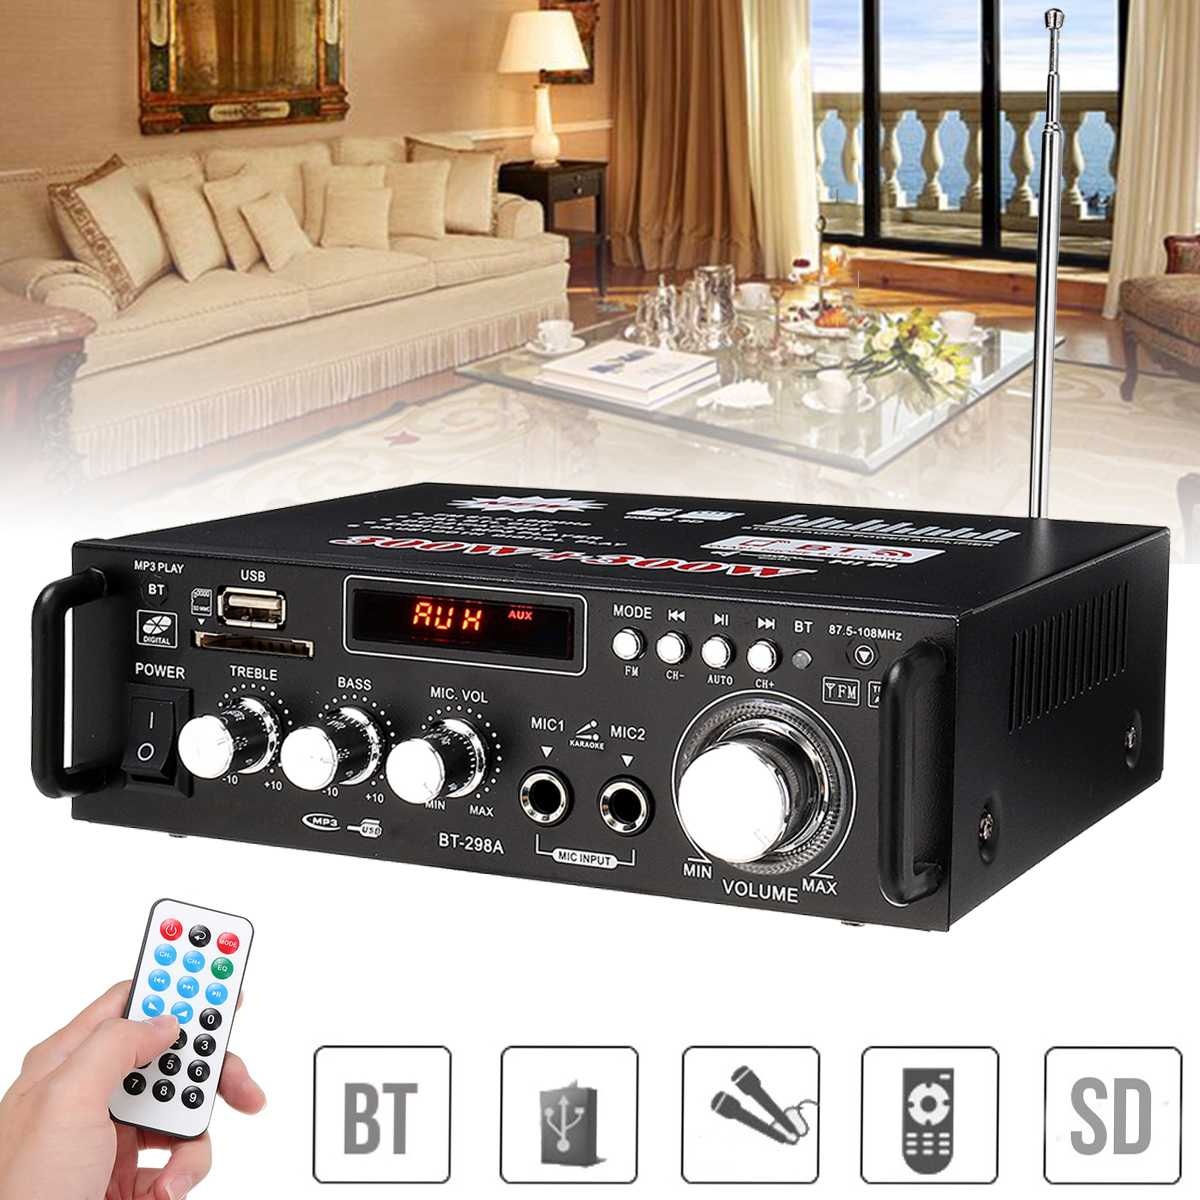 600 Вт домашний усилитель HIFI USB FM радио автомобиль аудио усилители Bluetooth проигрыватель сабвуфер Театр звук Системы с пультом дистанционного у...